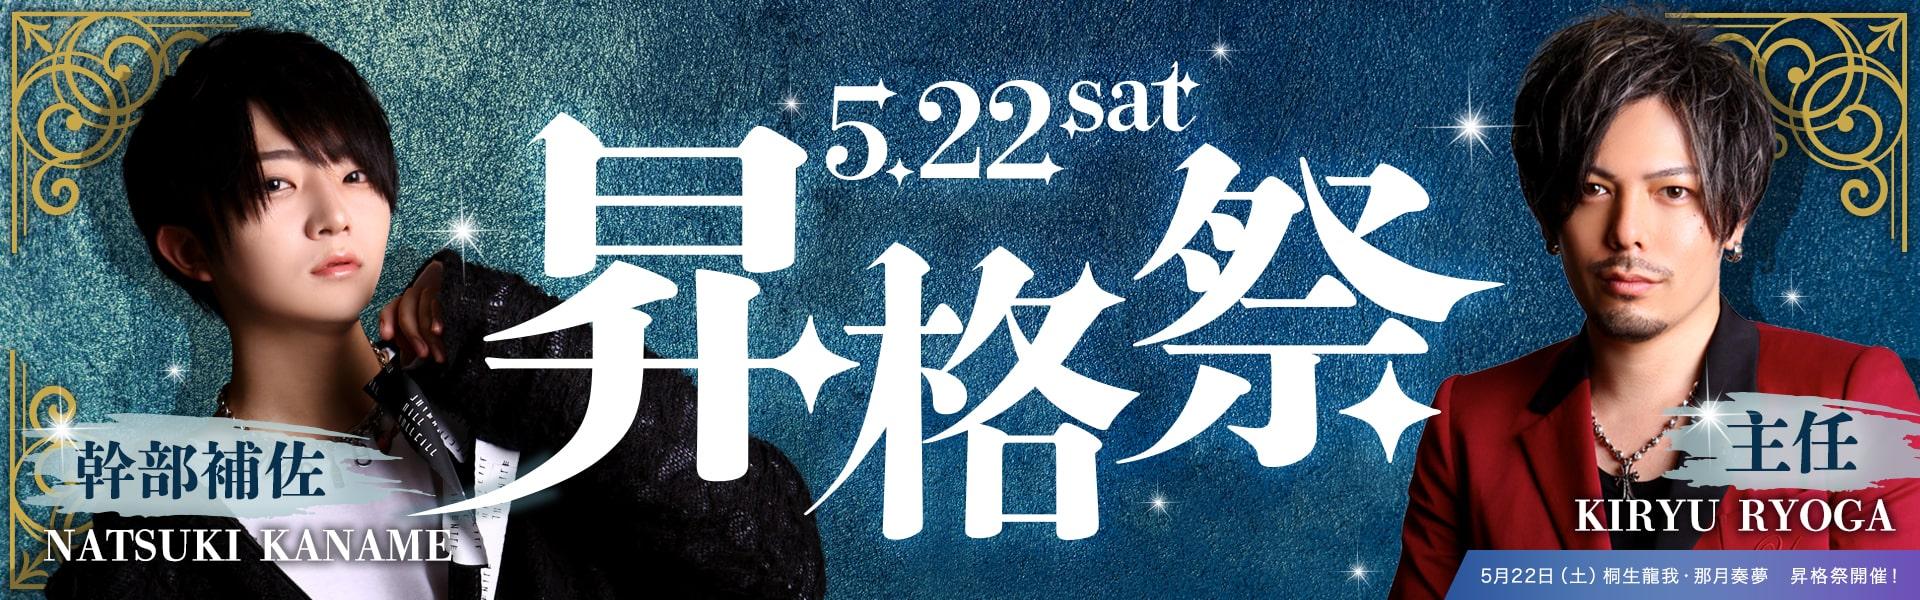 大阪男塾の昇格祭バナー